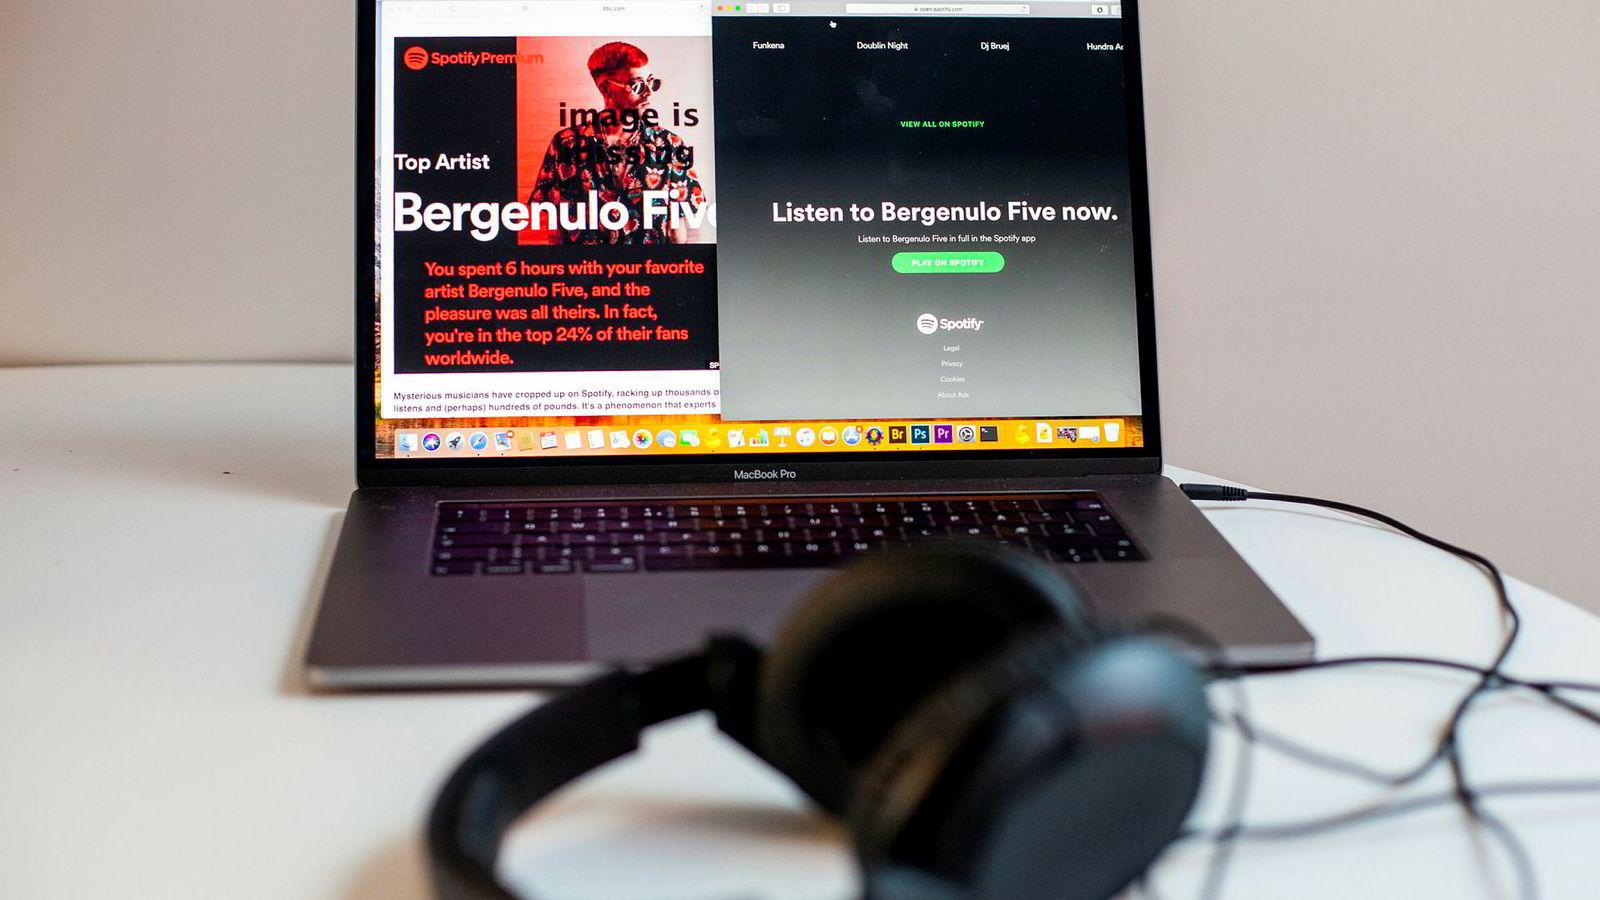 Bergenulo Five er en av flere mystiske artister som har dukket opp i avspillingsloggene til Spotify-brukere.